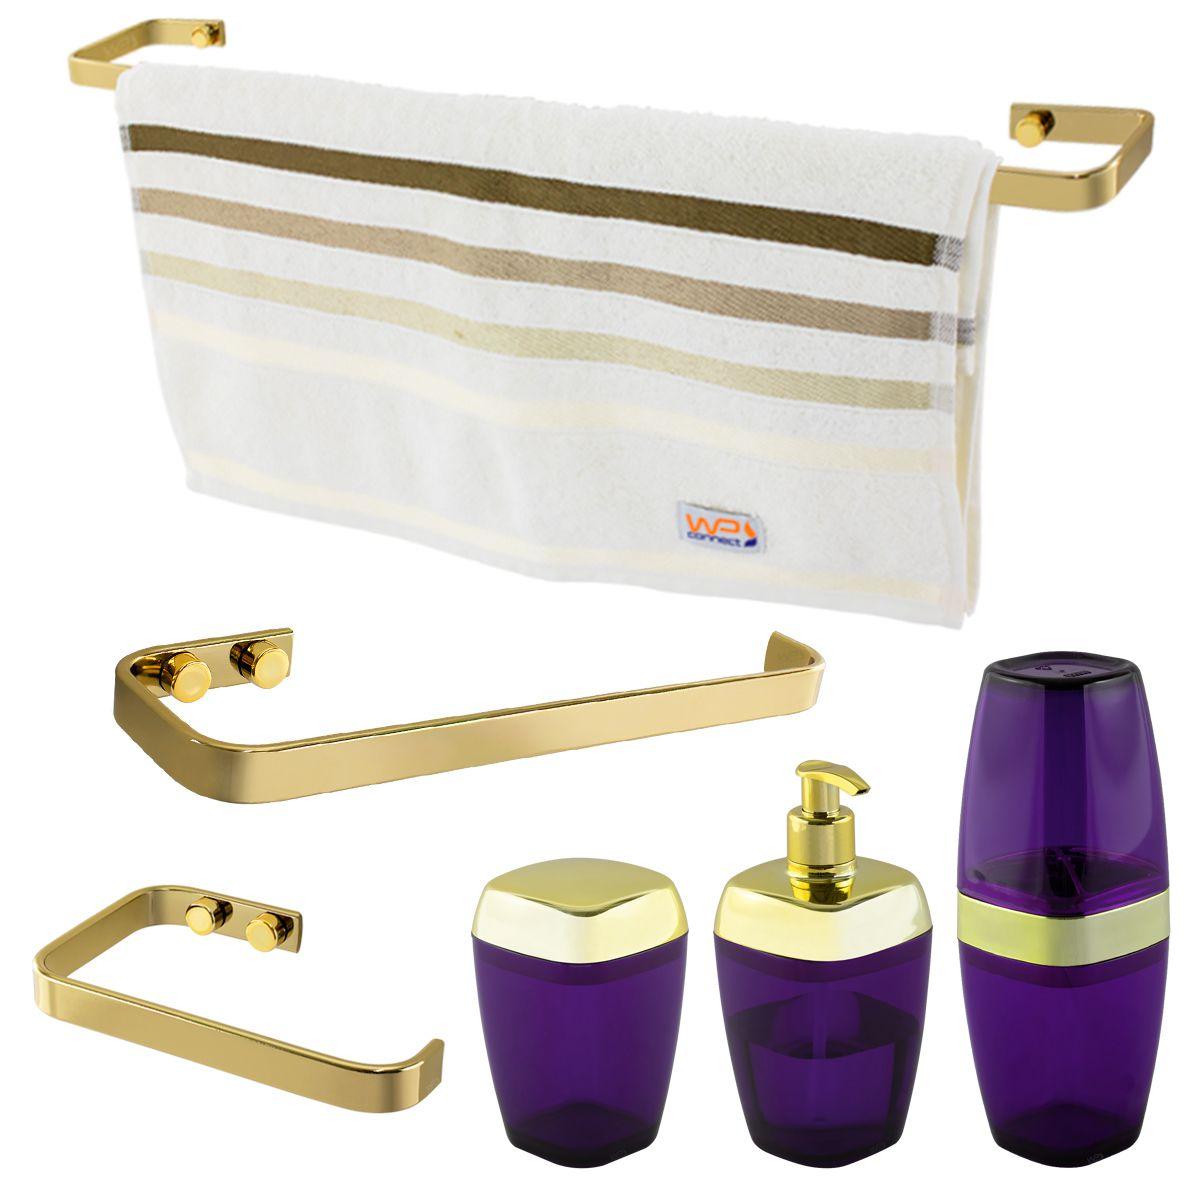 Conjunto Banheiro 6 Peças Translúcido Porta Algodão Escova Sabonete Líquido Toalheiro 60 CmPapeleiro